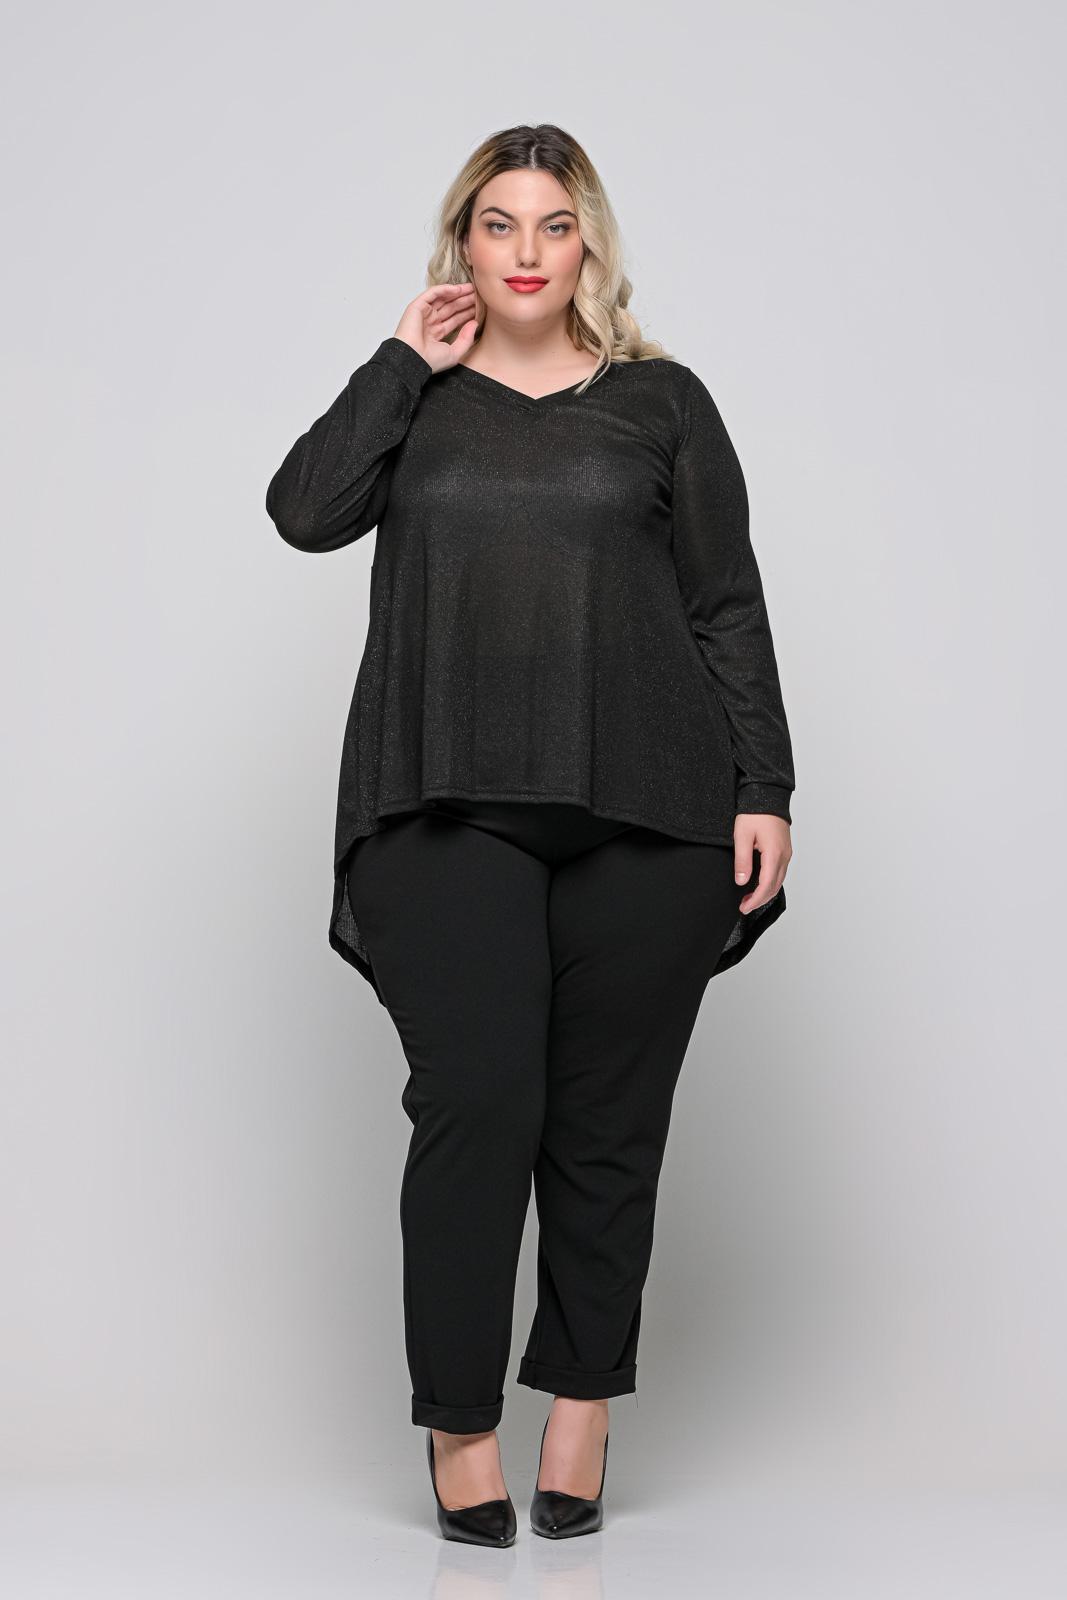 Μπλούζα ασύμμετρη μεγάλα μεγέθη μαύρη με ασημοκλωστή. Στο eshop μας θα βρείτε οικονομικά γυναίκεια ρούχα σε μεγάλα μεγέθη και υπερμεγέθη.